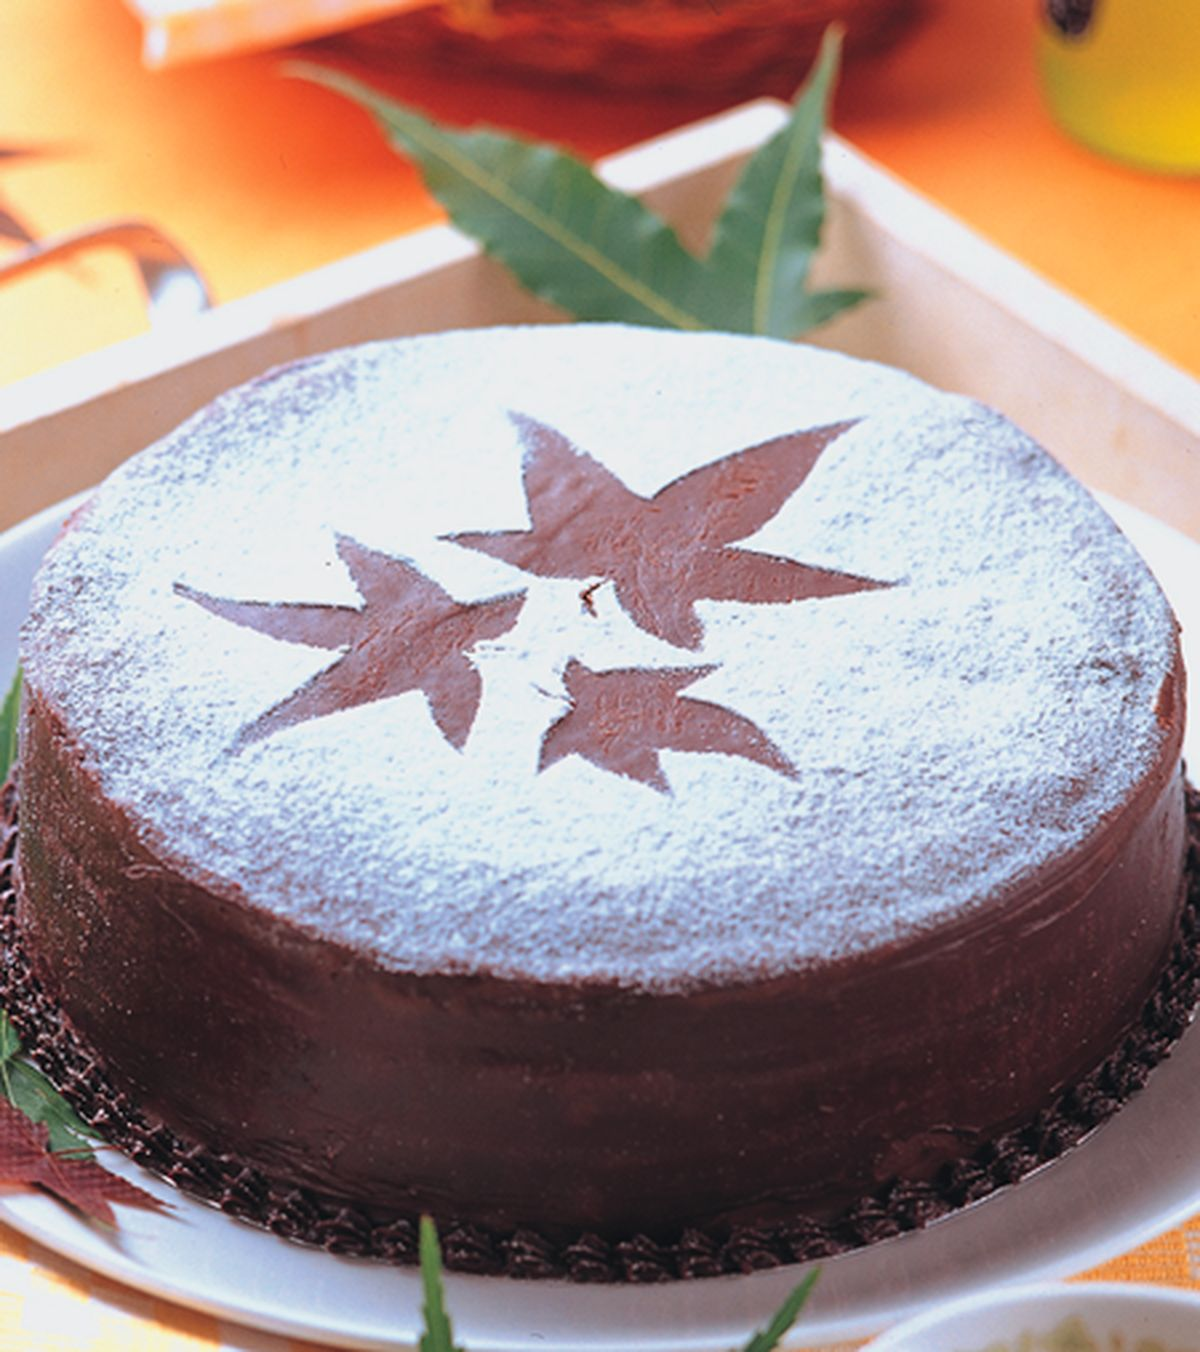 食譜:楓葉蛋糕